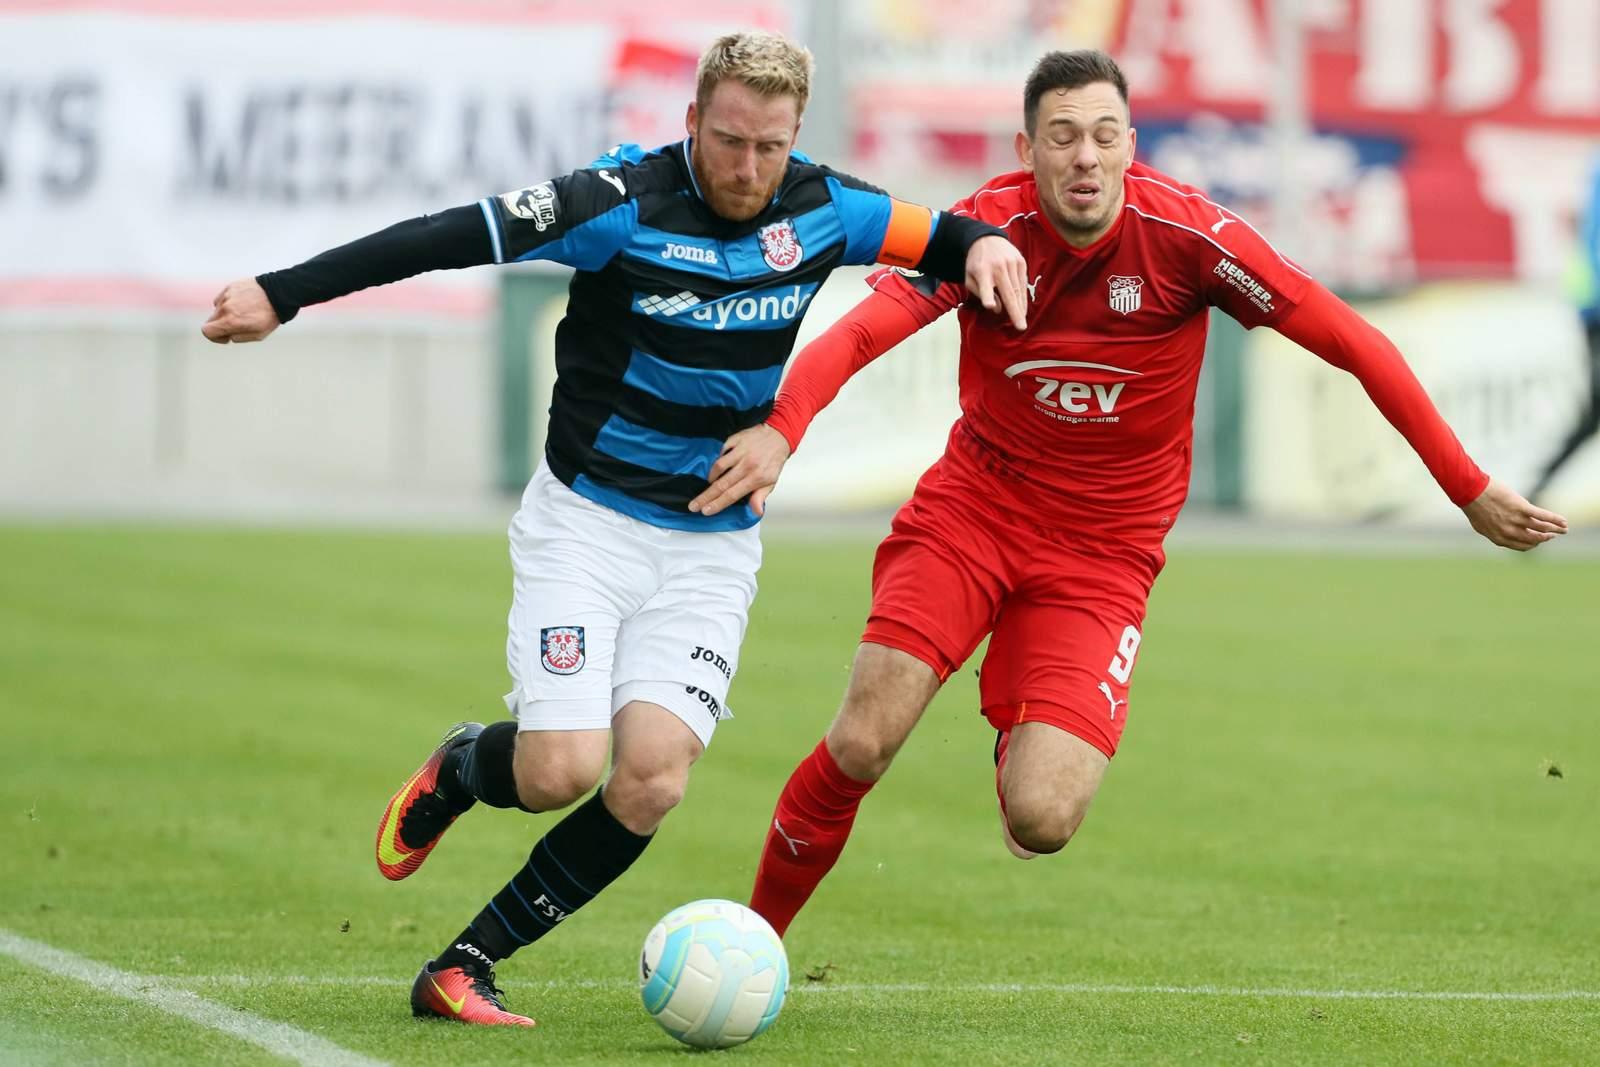 Laufduell zwischen Patrick Ochs und Marcel Bär. Jetzt auf FSV Frankfurt gegen Zwickau wetten!